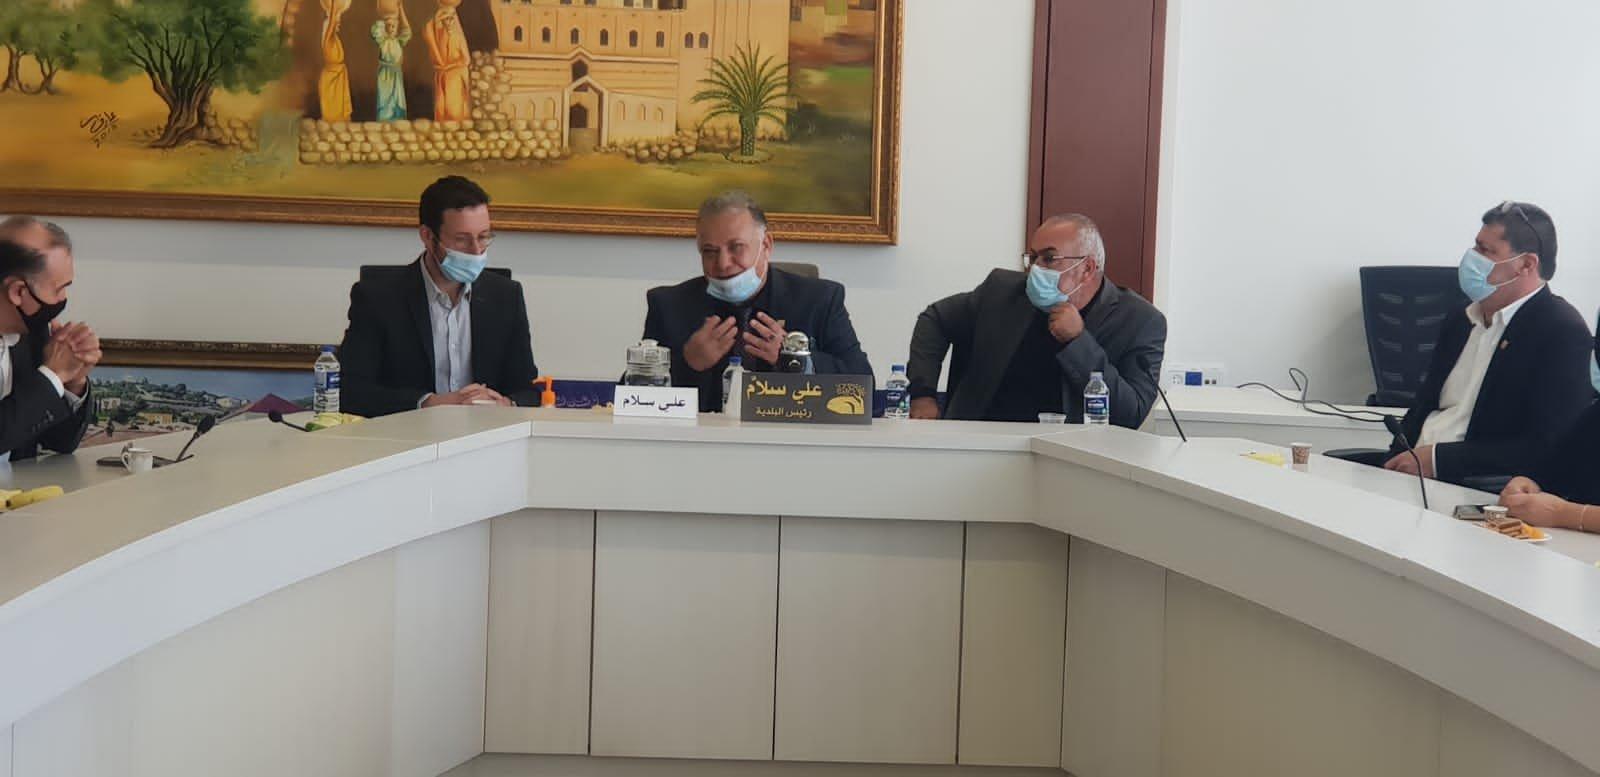 وزير العمل والرفاه الاجتماعي يزور بلدية الناصرة-0